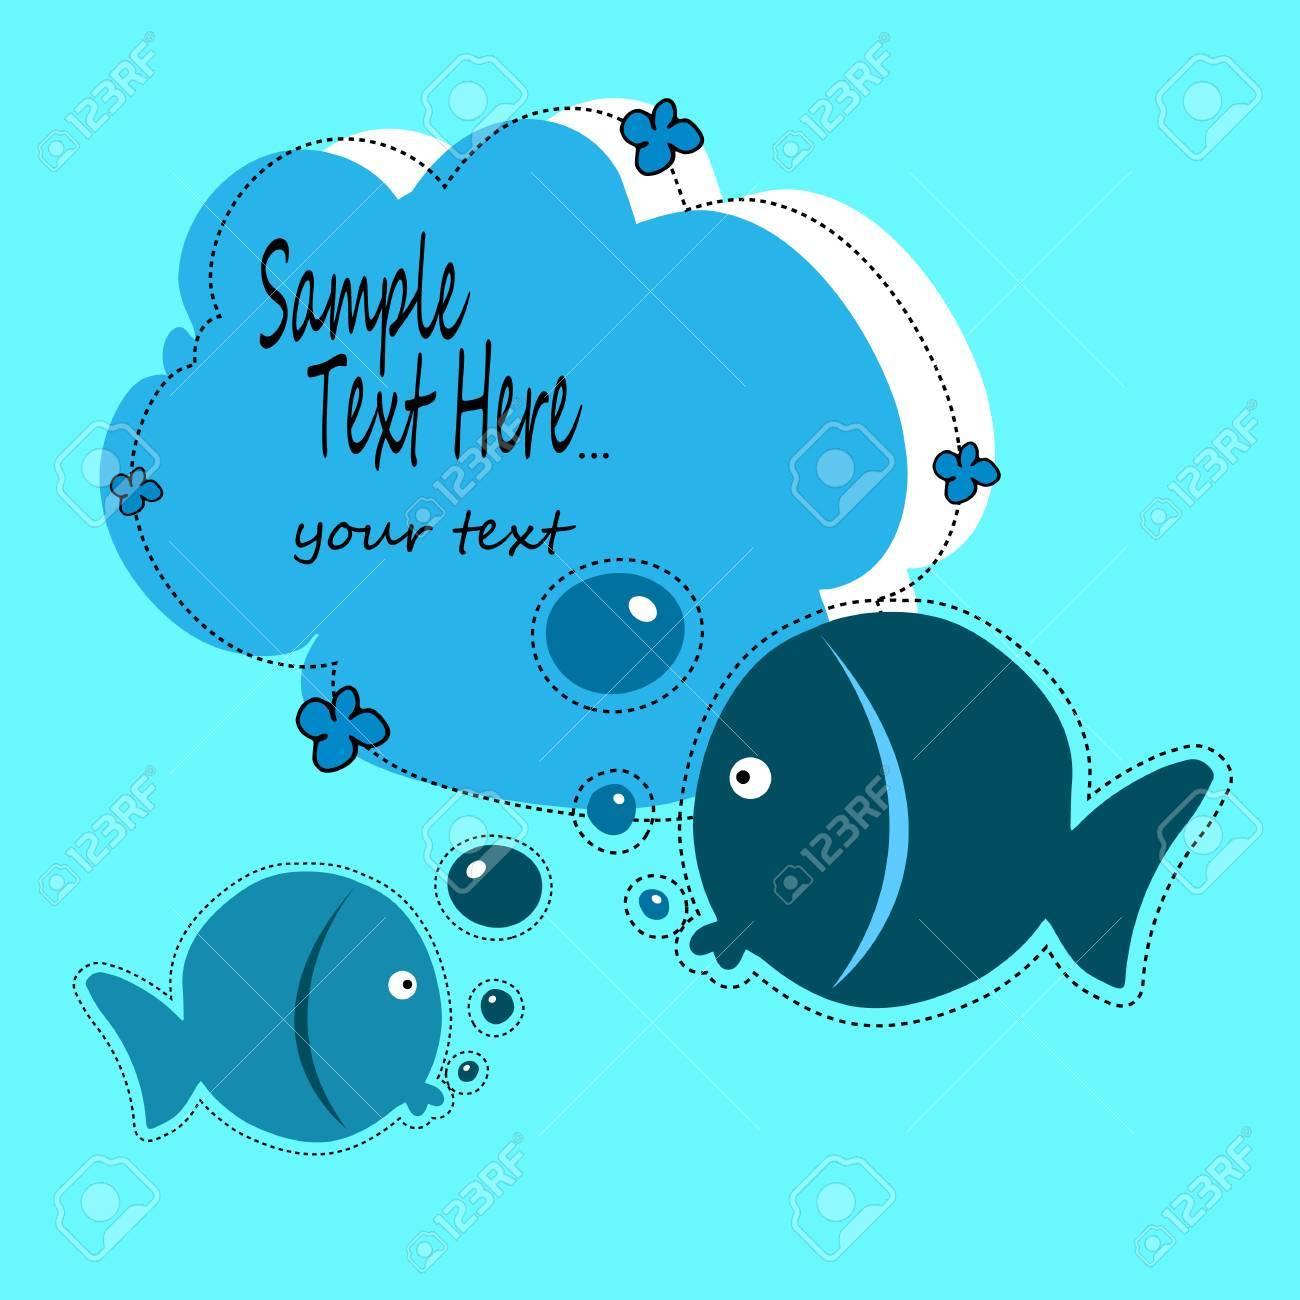 Poisson Illustration Bébé Vecteur Animal Dessin Animé Mignon Mer Eau Conception